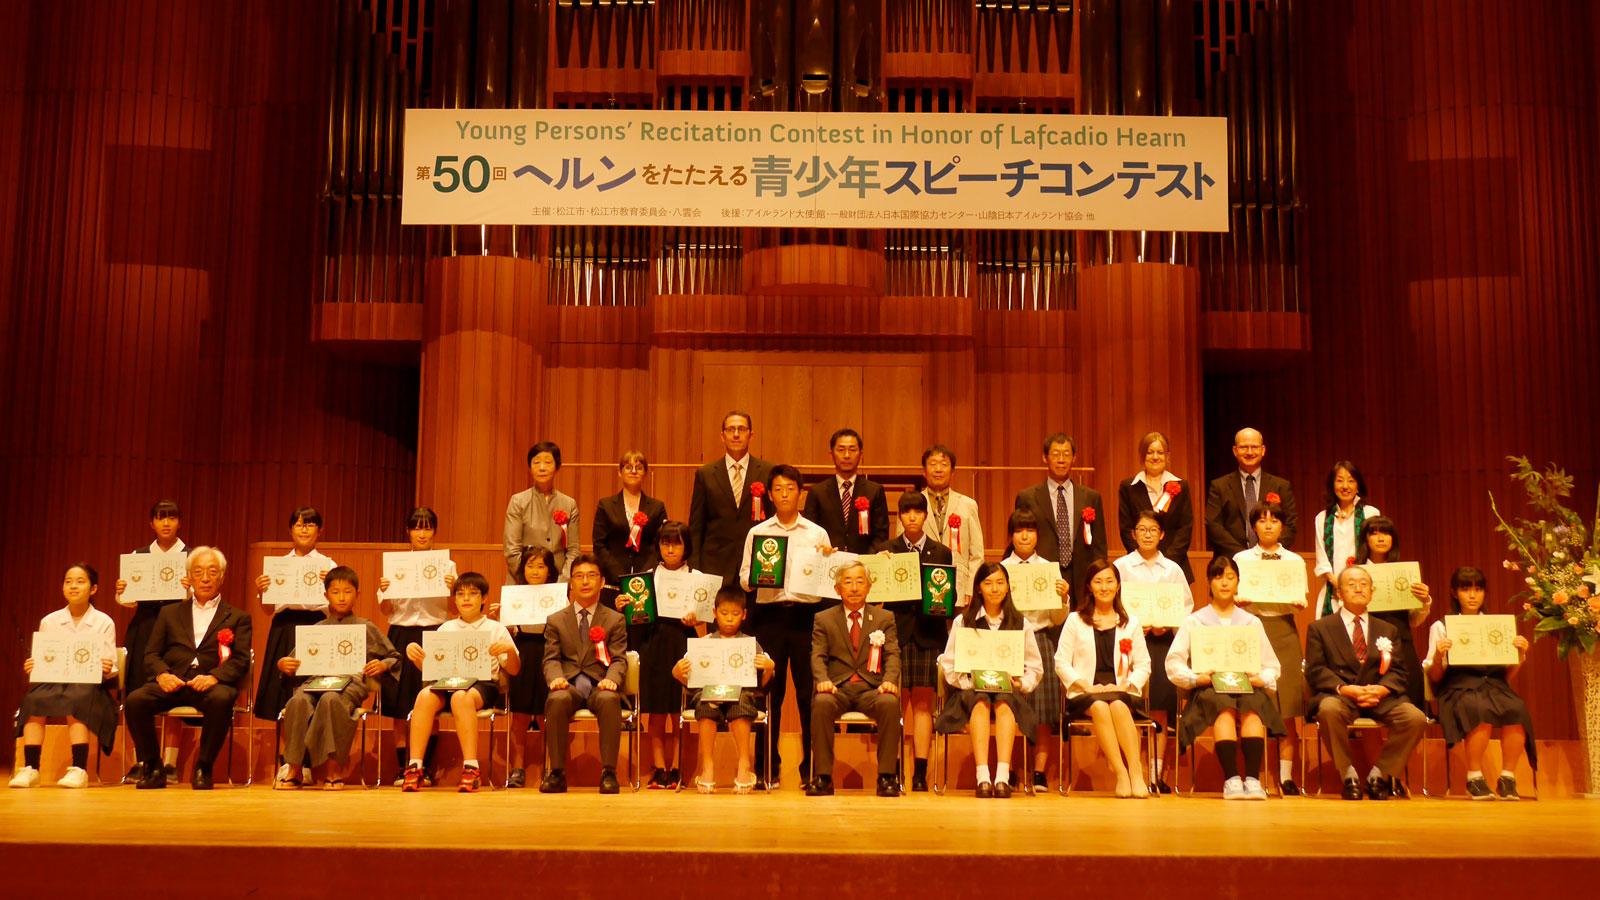 第50回ヘルンをたたえる青少年スピーチコンテスト入賞者の記念撮影